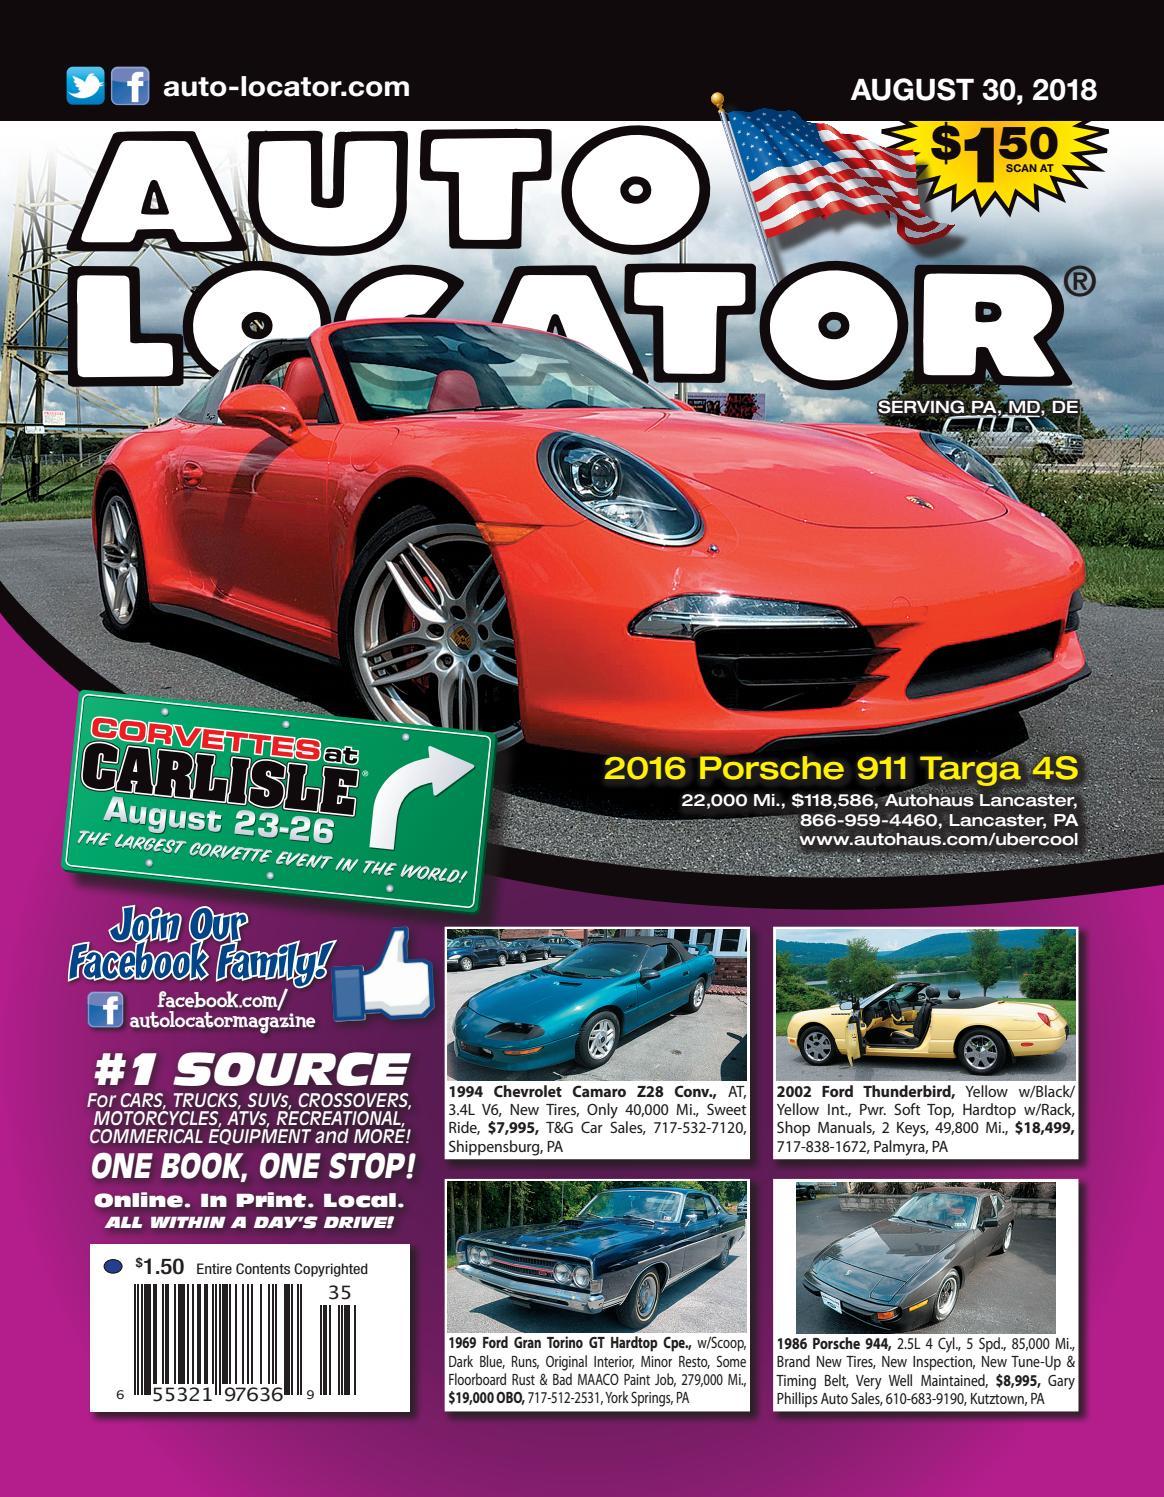 08-30-18 Auto Locator Blue Edition by Auto Locator and Auto